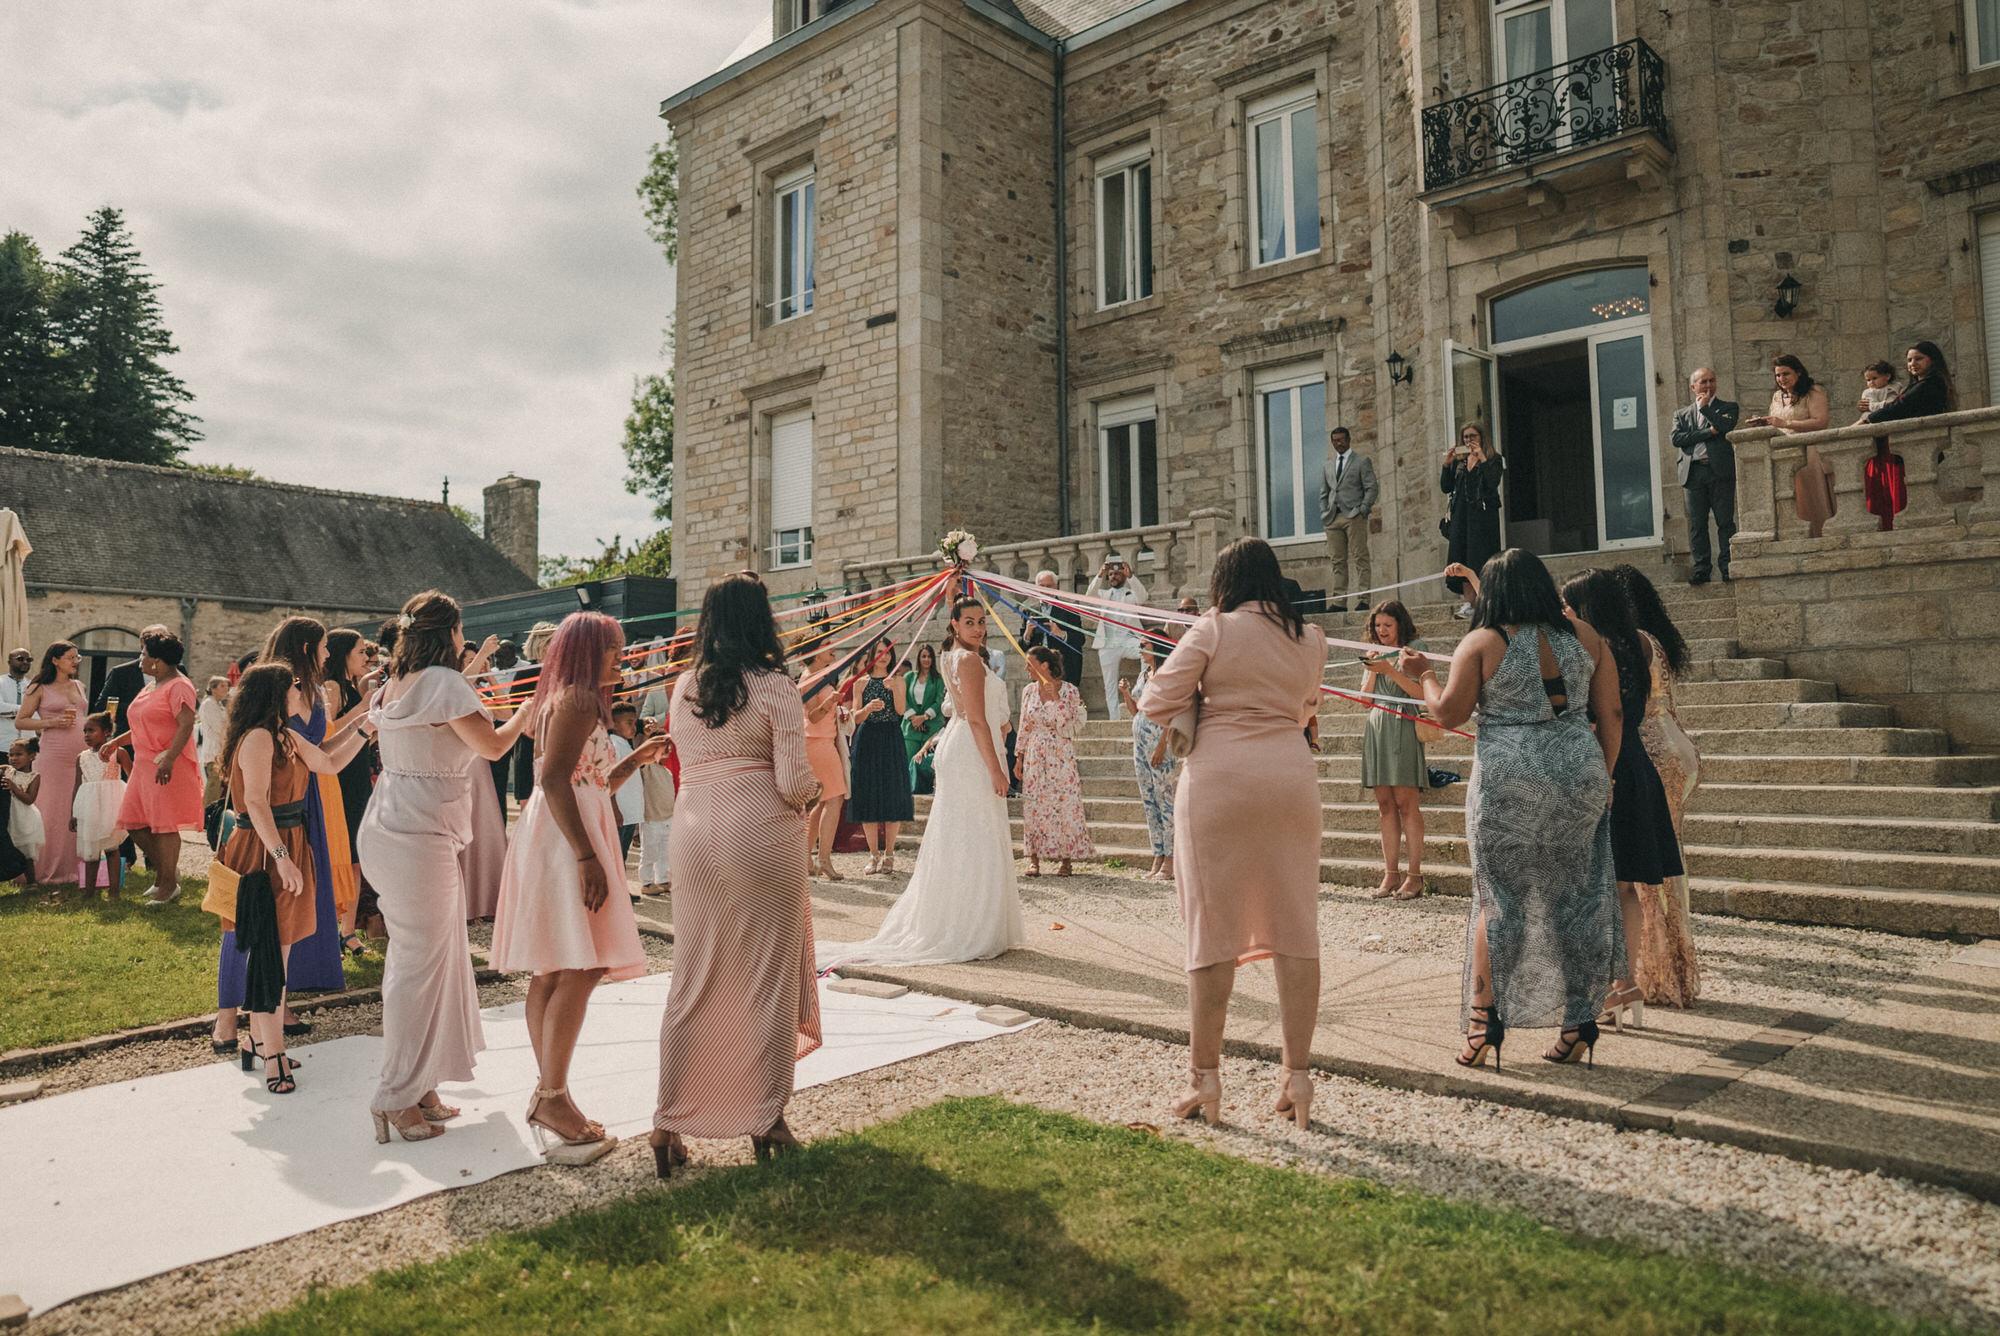 Photo De Mariage Au Manoir De Kerhuel A Plouneour Lanvern De Perle Danilson Par Antoine Borzeix 723, Photographe & Videaste à Brest / Finistère